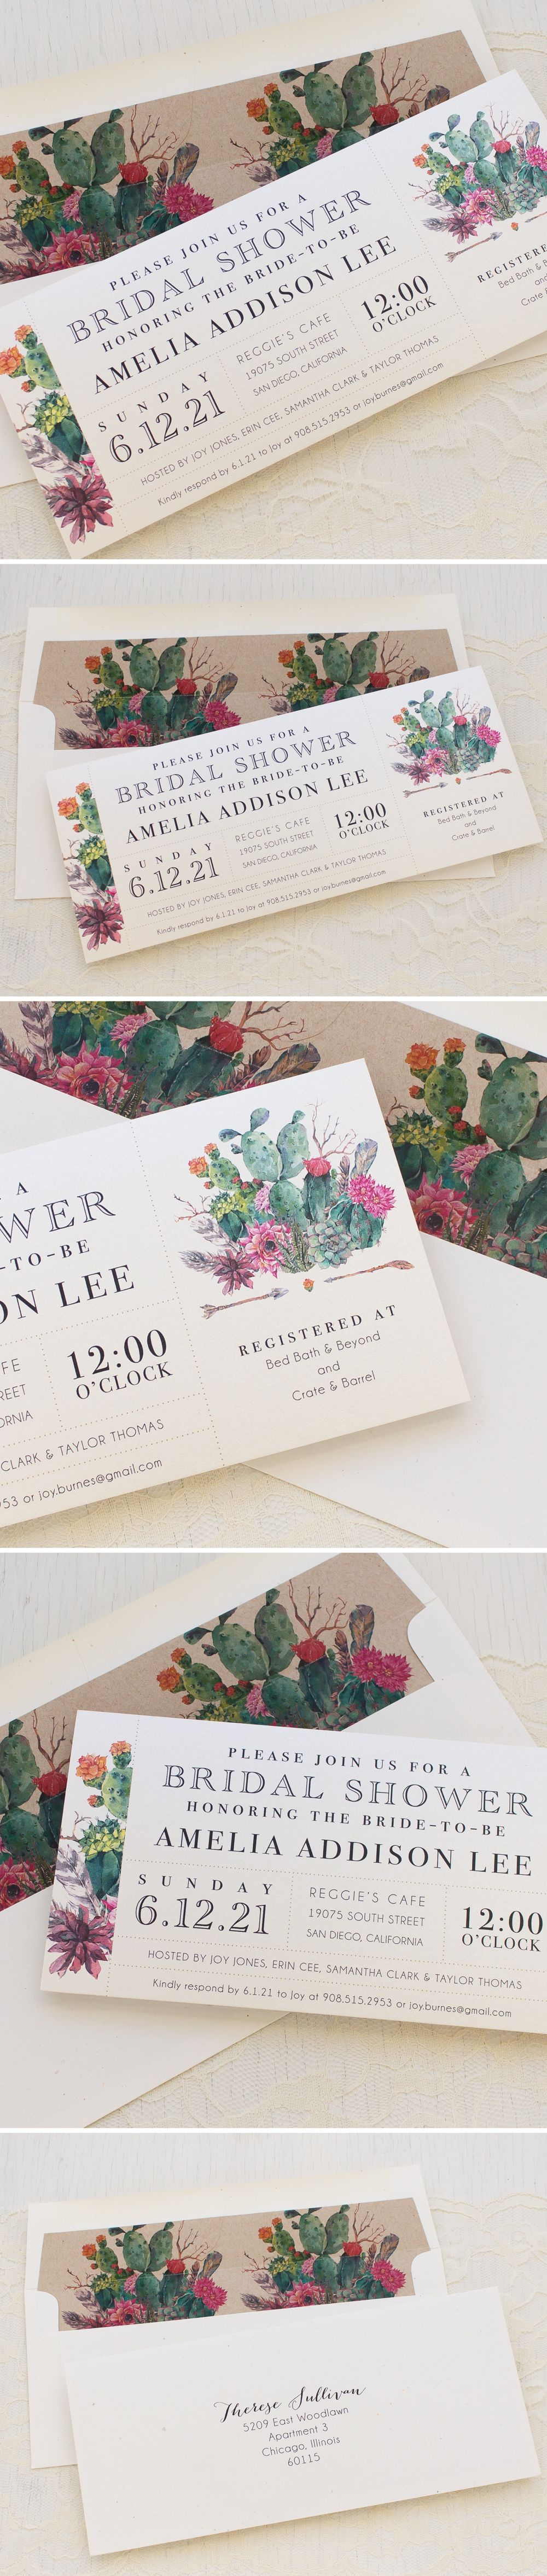 Desert Blooms Bridal Shower Invitations Brunch Invitations Bridal